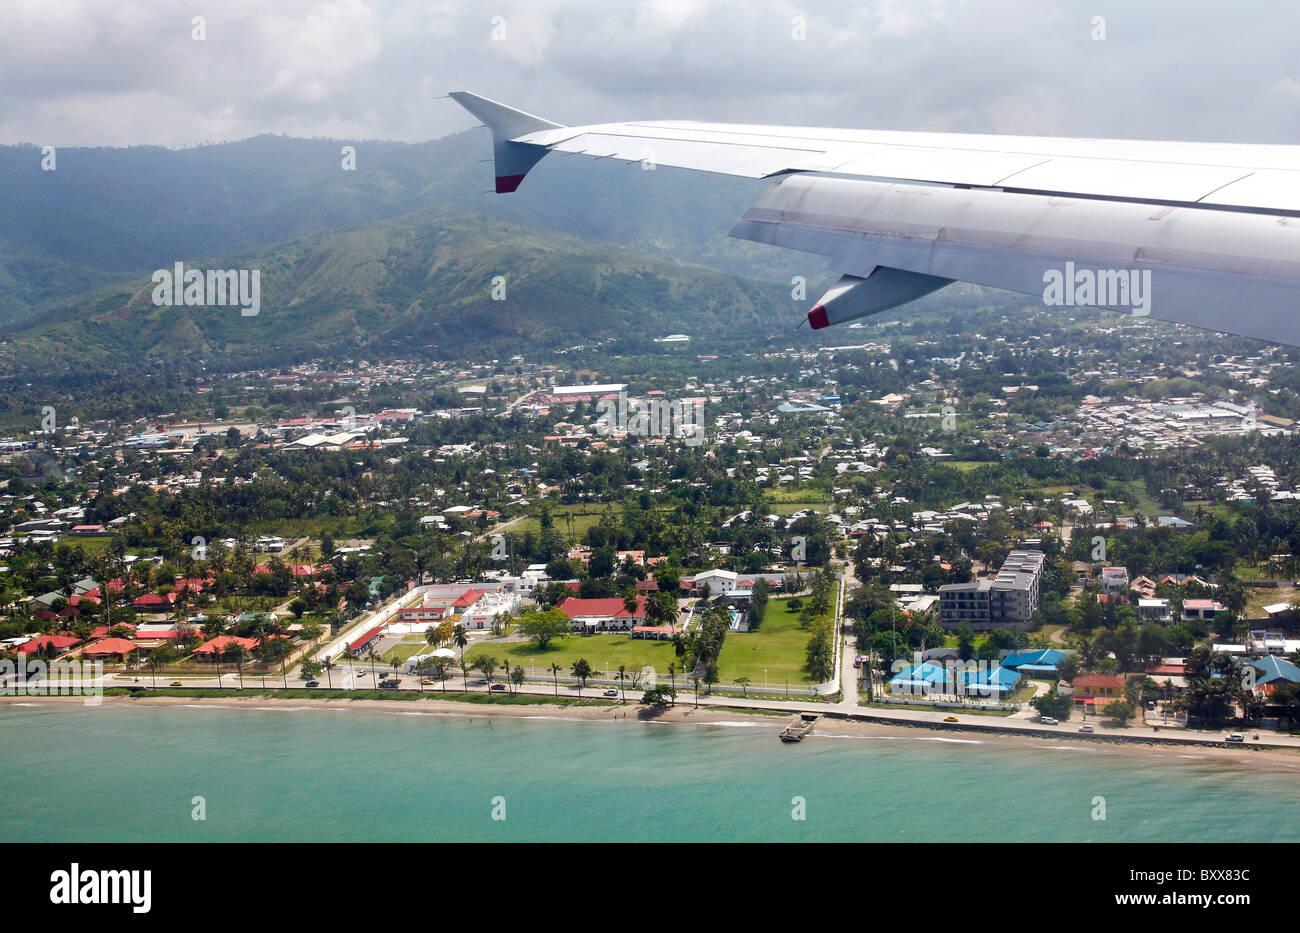 Birds eye view on Dili, capital of Timor Leste (East Timor) - Stock Image